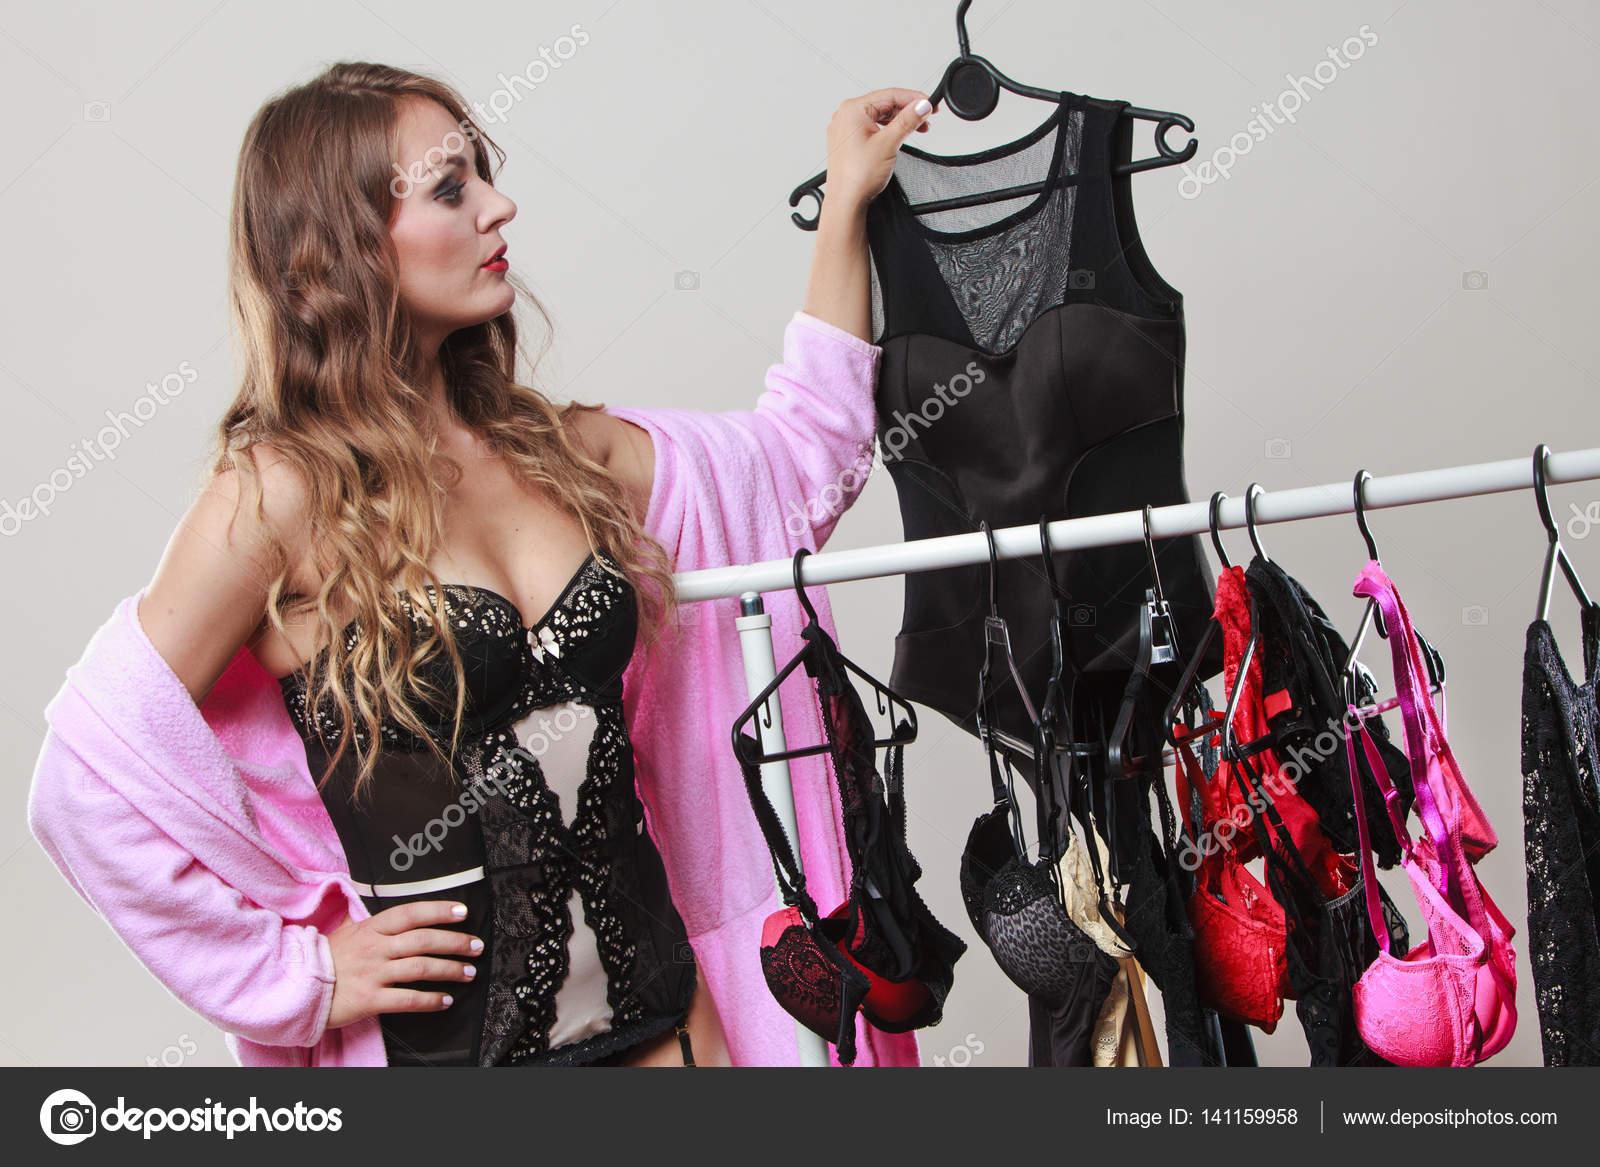 4d01cc9e0c8 Sexy a romantické nakupování. Nádherná smyslná dlouhé vlasy žena nákup  svůdné oblečení spodní prádlo. Dylema vybrat spodní prádlo — Fotografie od  ...